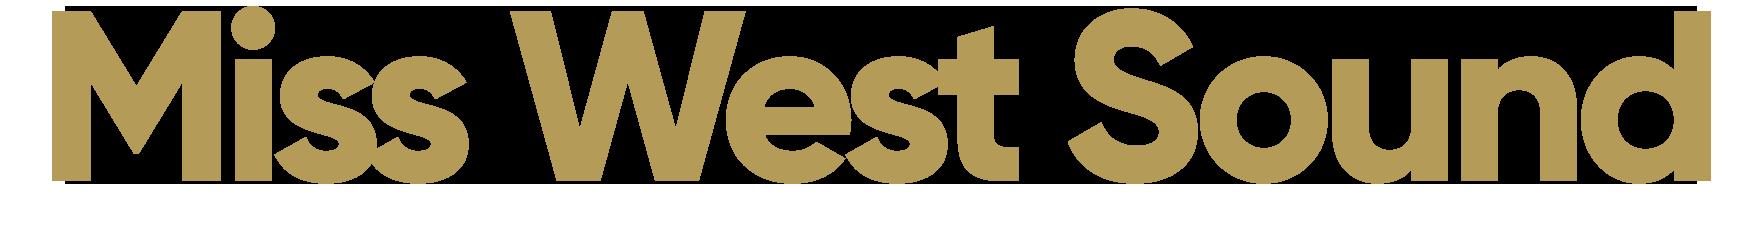 Miss West Sound